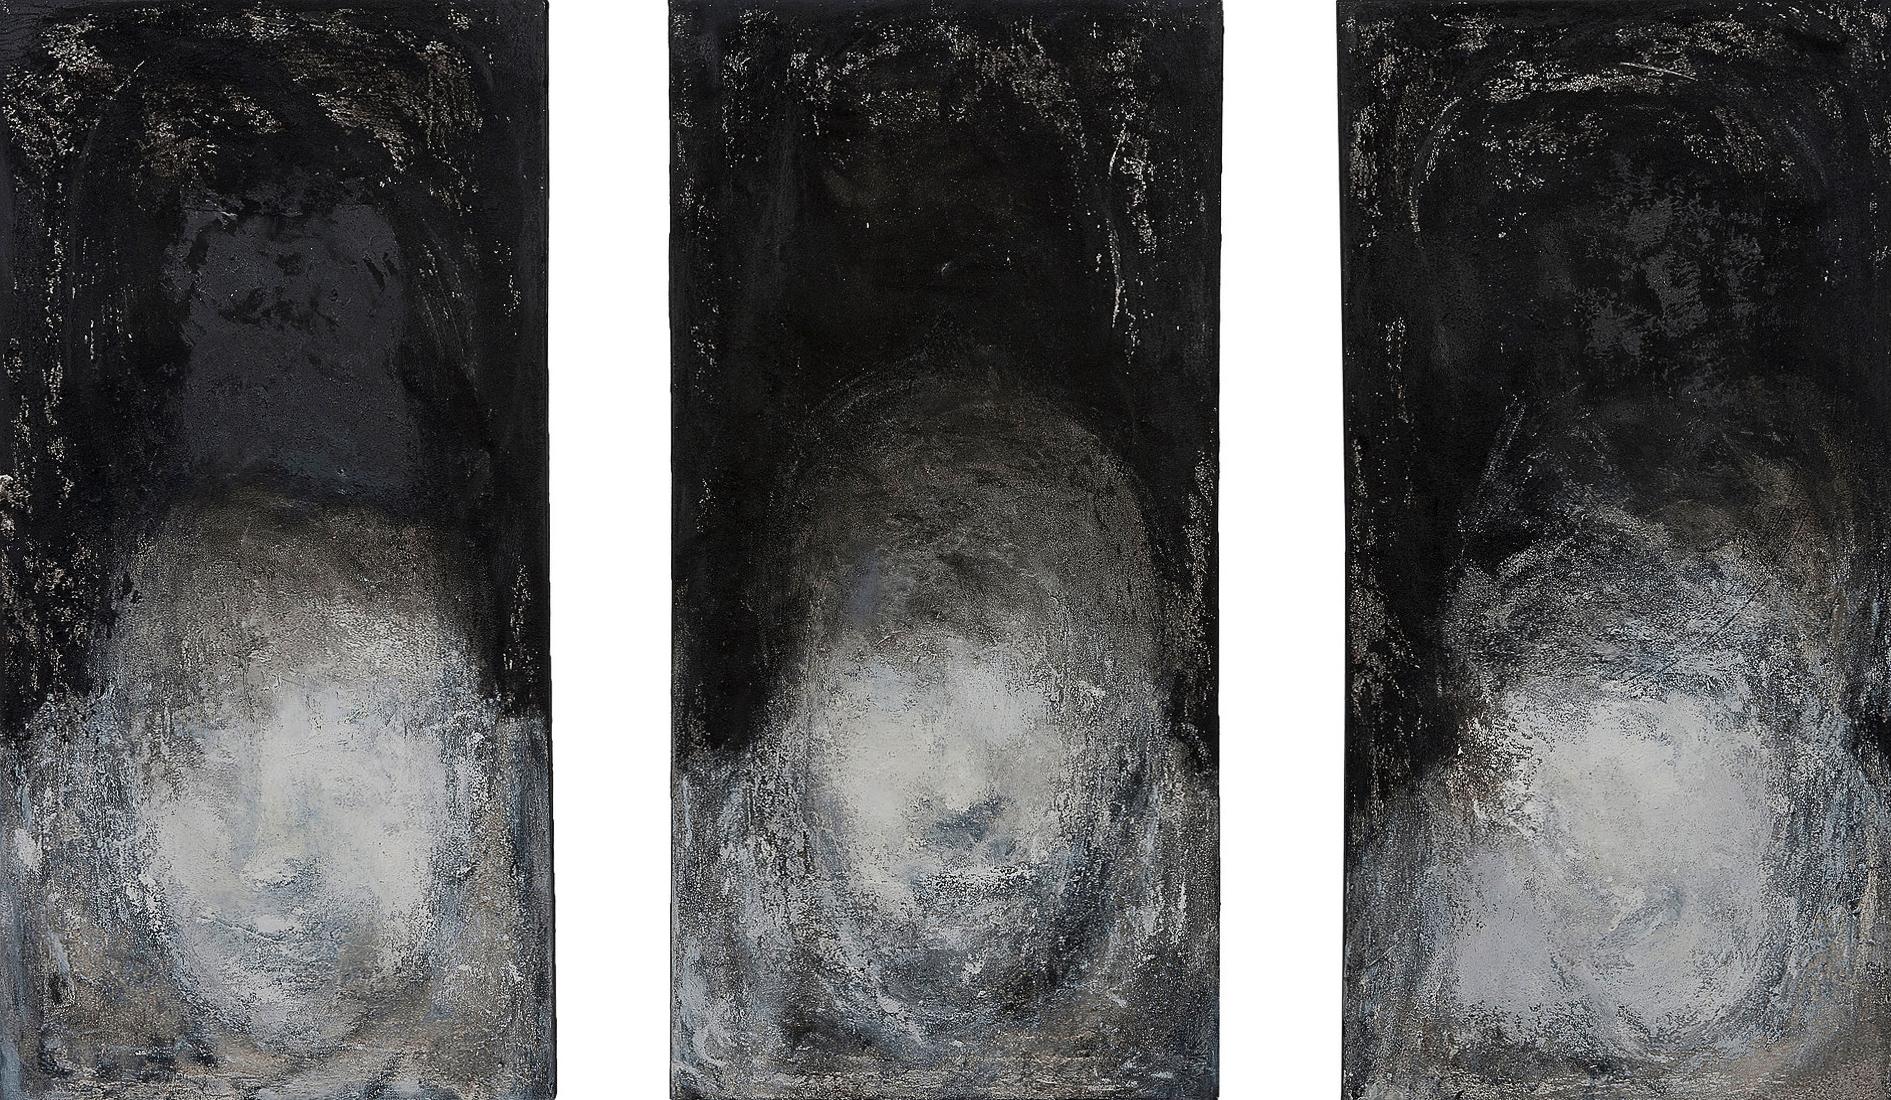 Die Gesichtslosen, 2000, Mischtechnik auf Leinwand, 100 x 50 cm